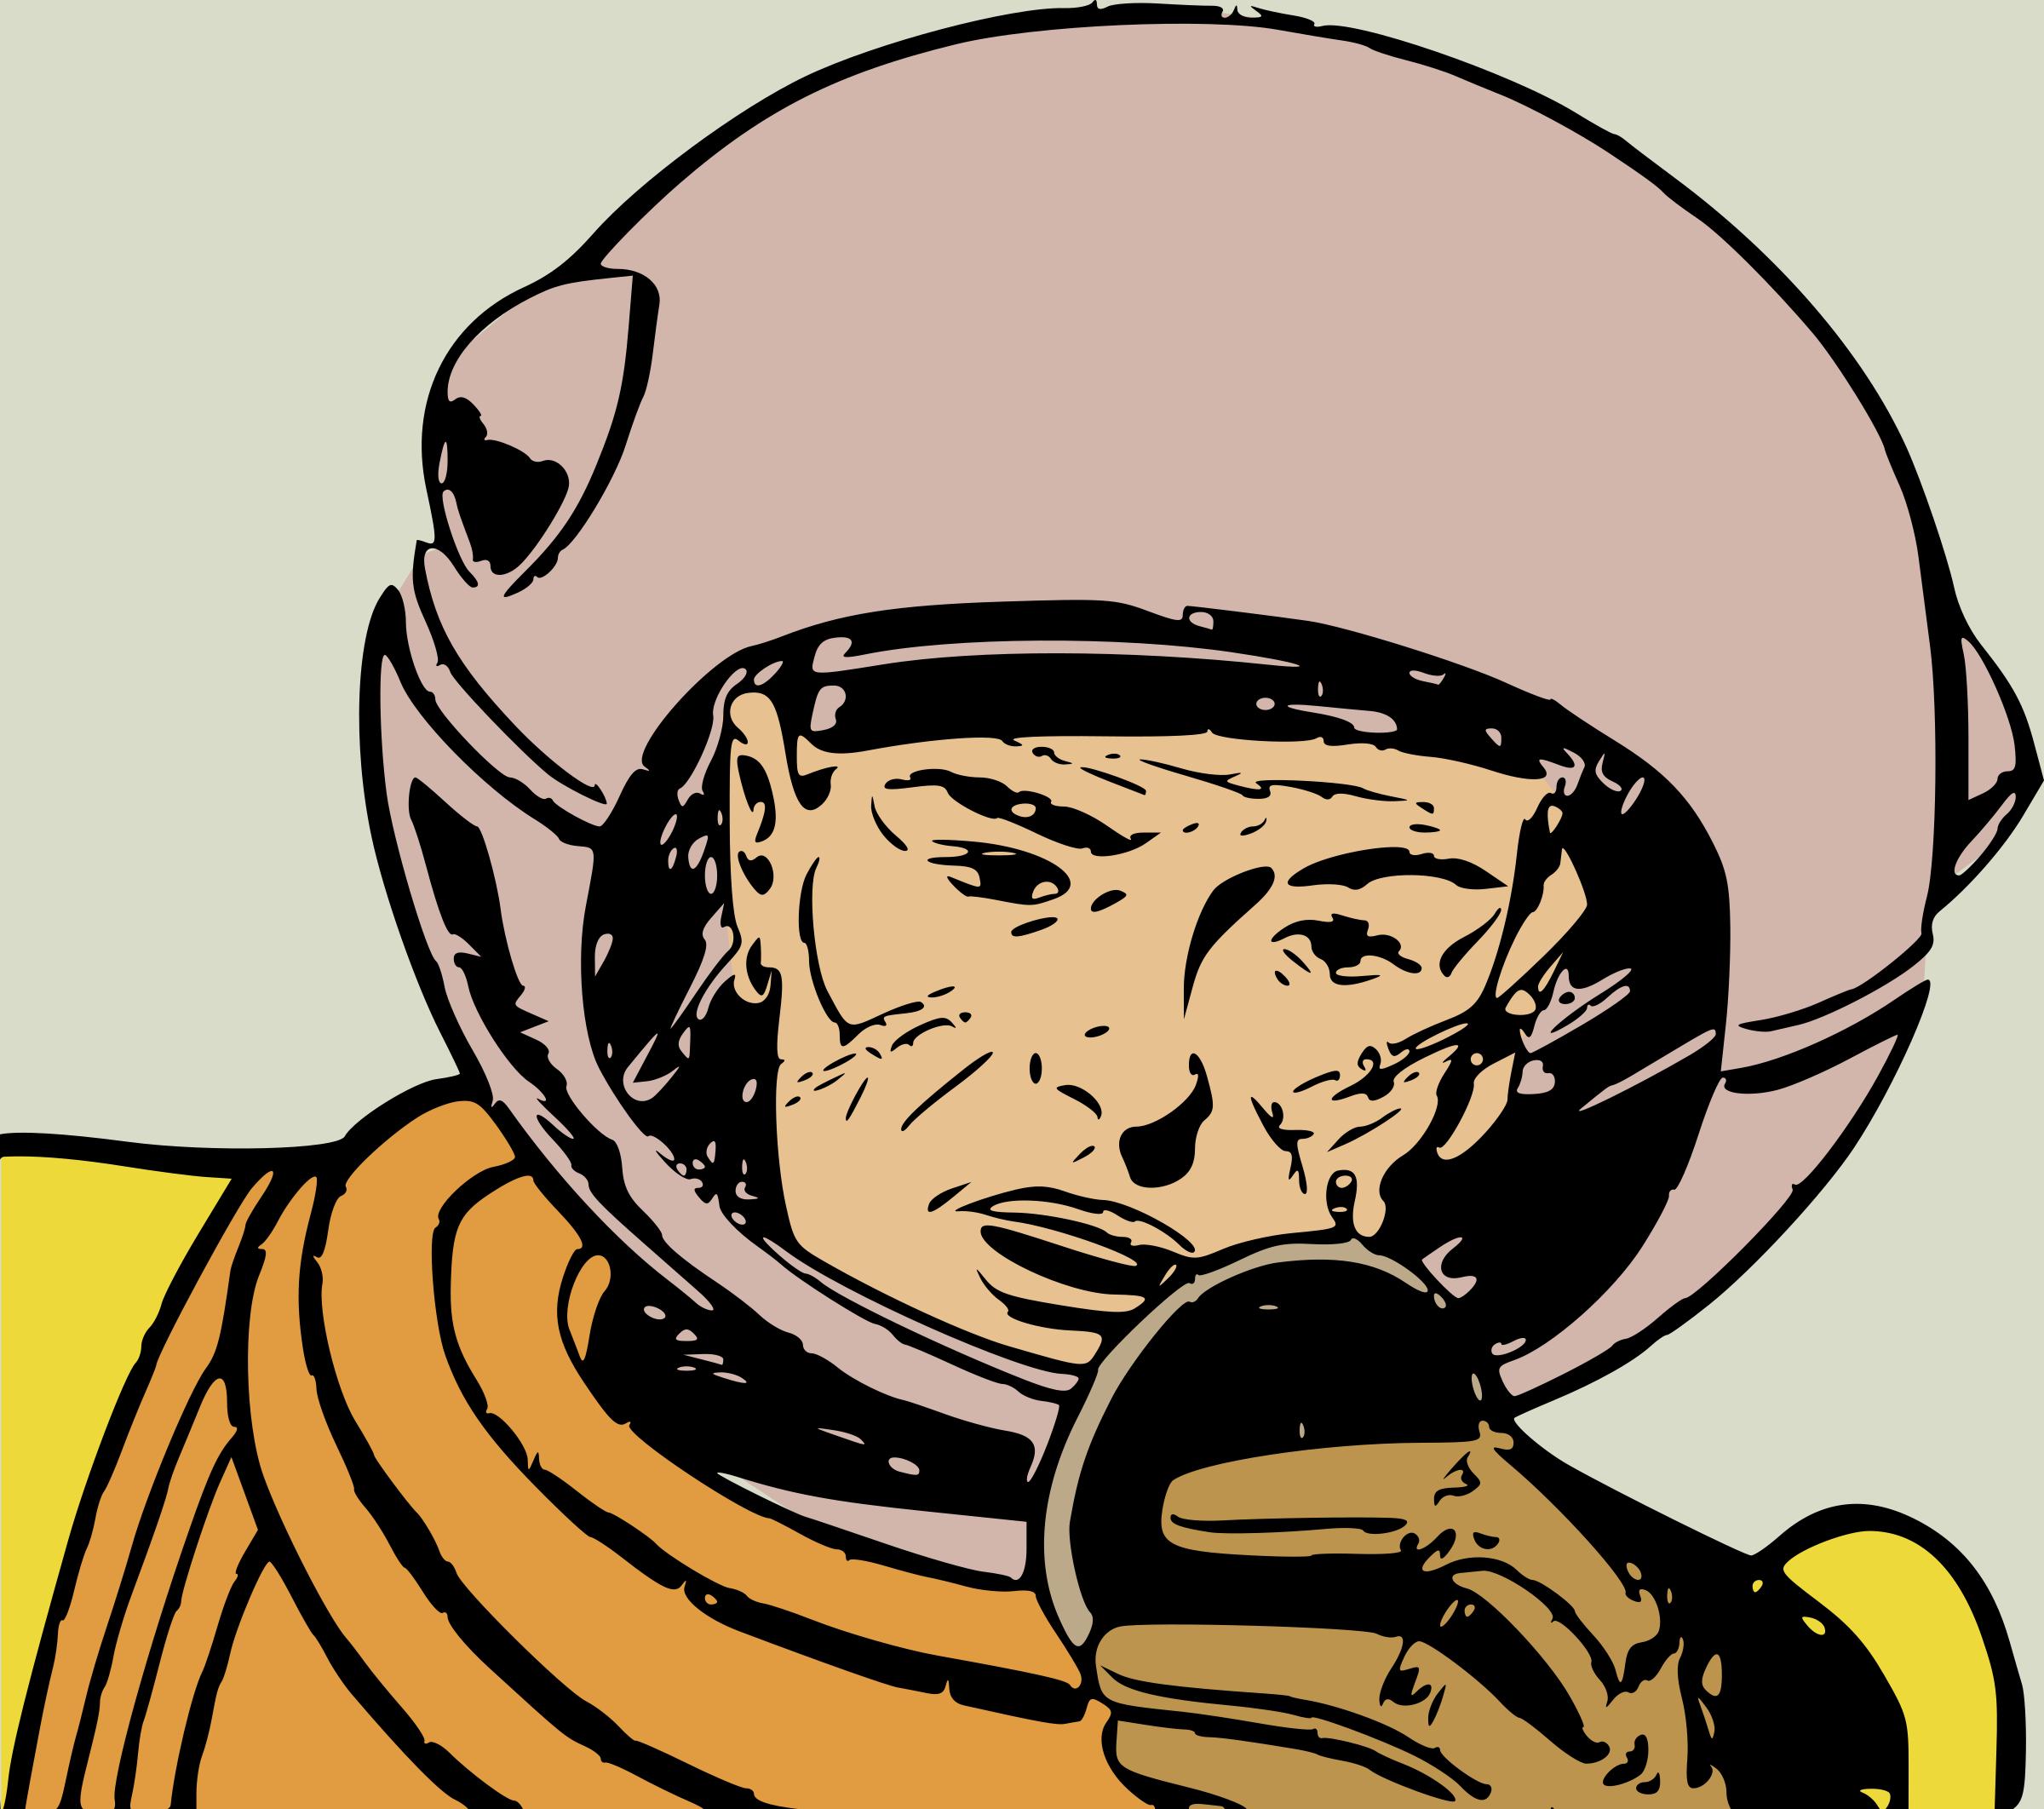 retro astronaut clip art - HD2400×2124